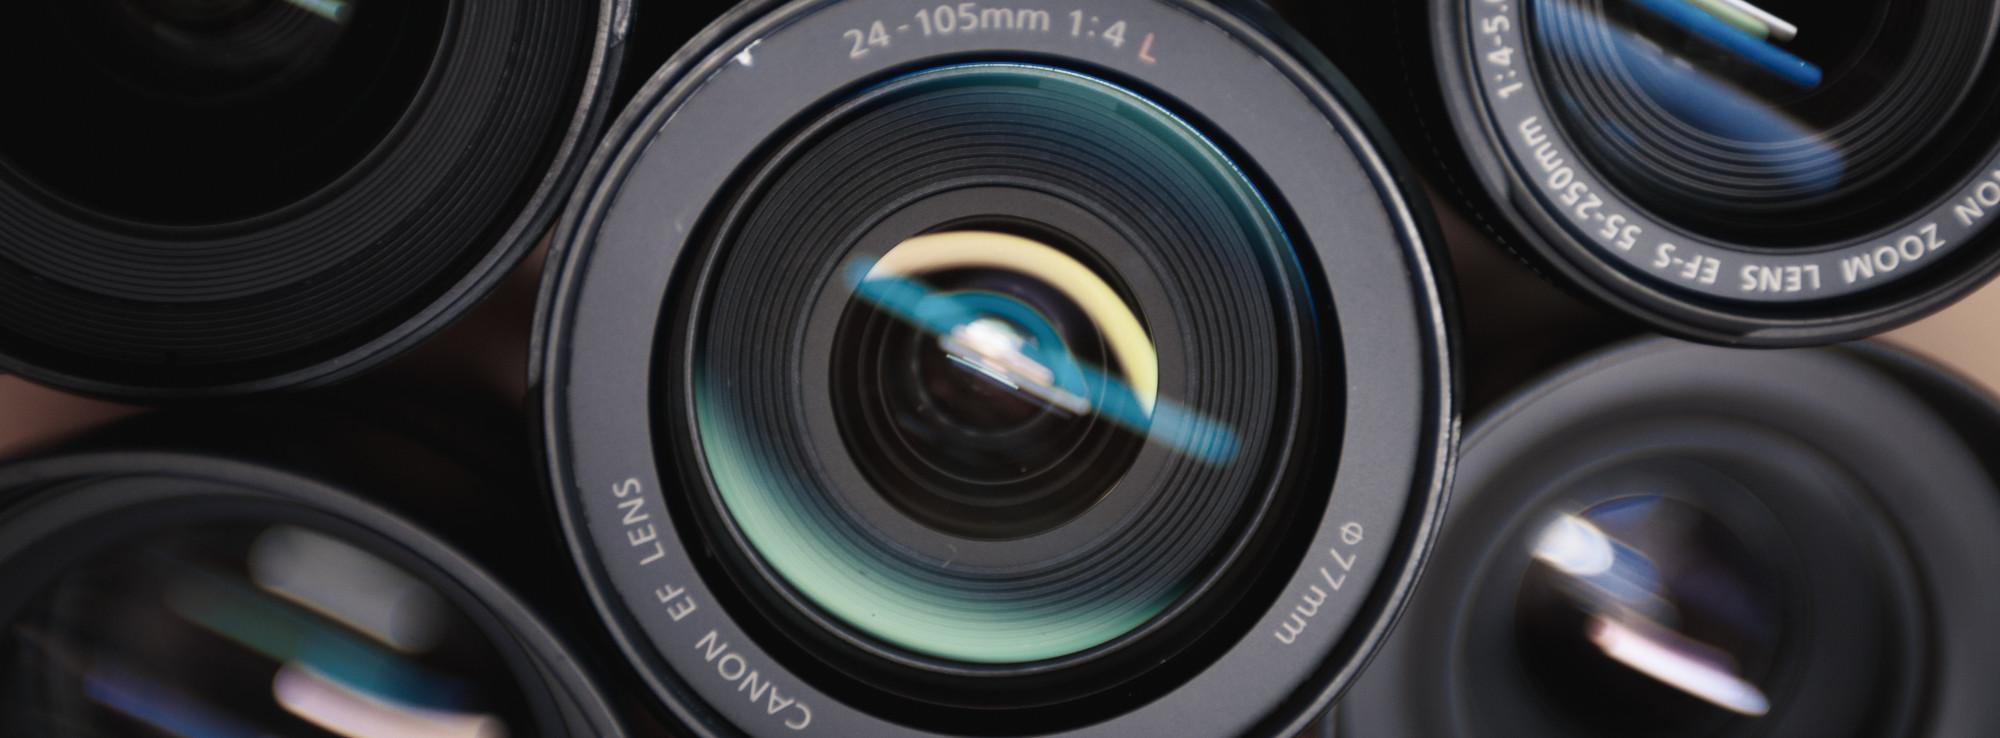 A camera lense